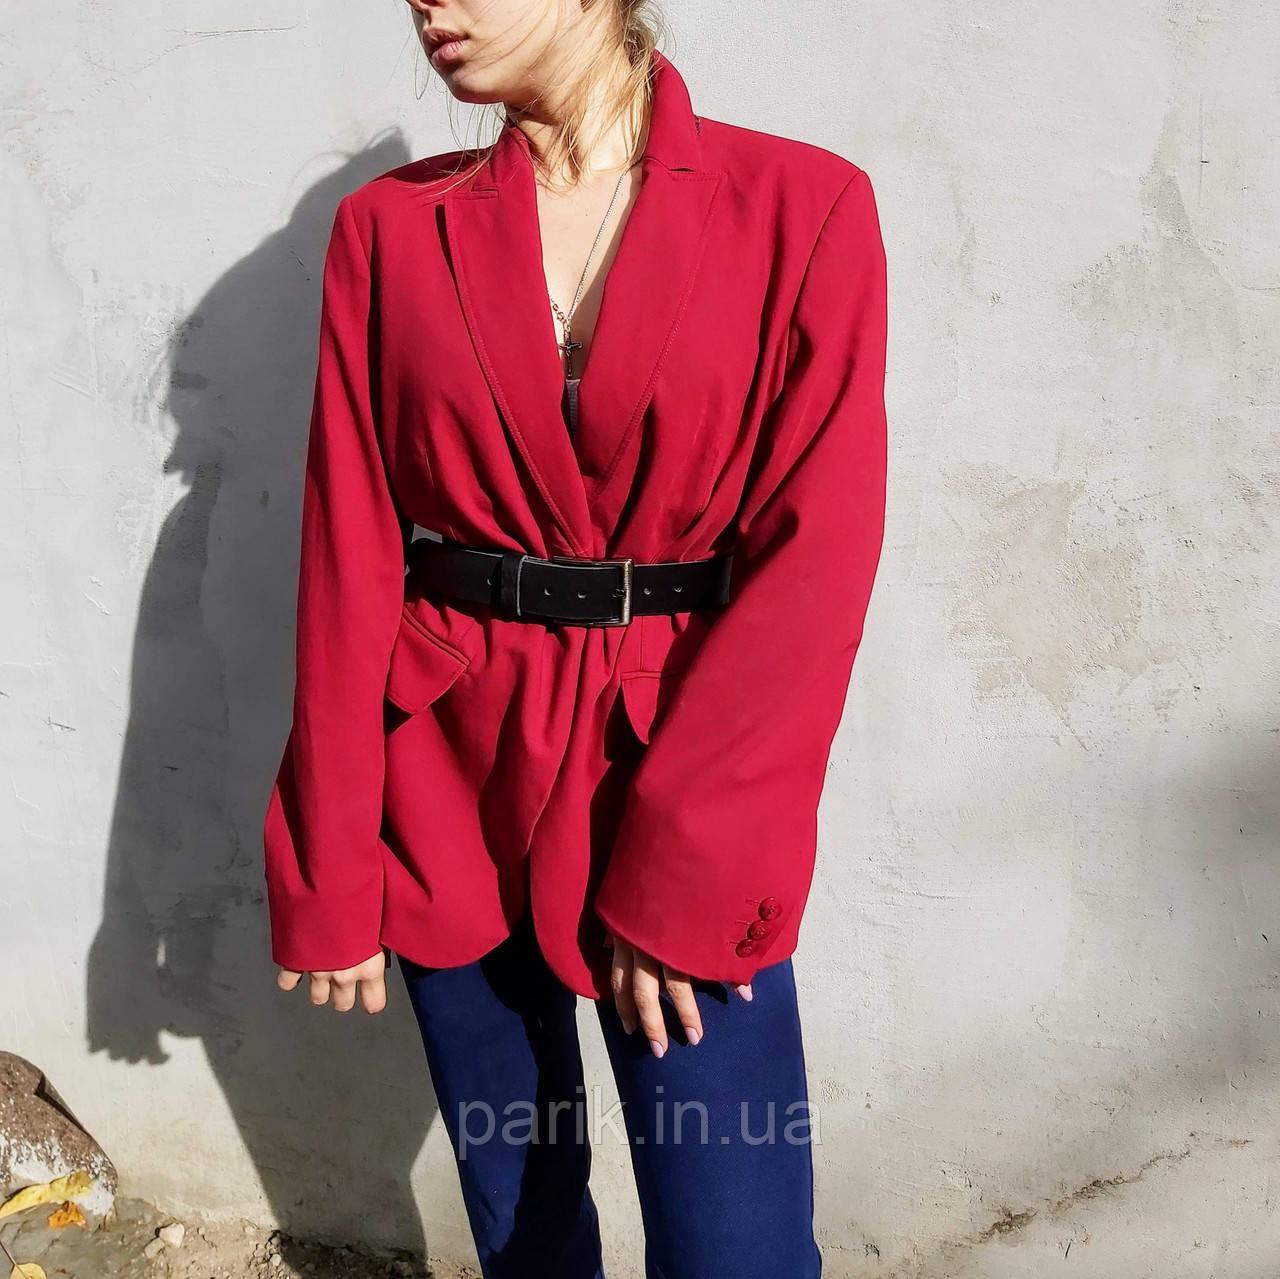 Женский стильный красный жакет. пиджак для девушки